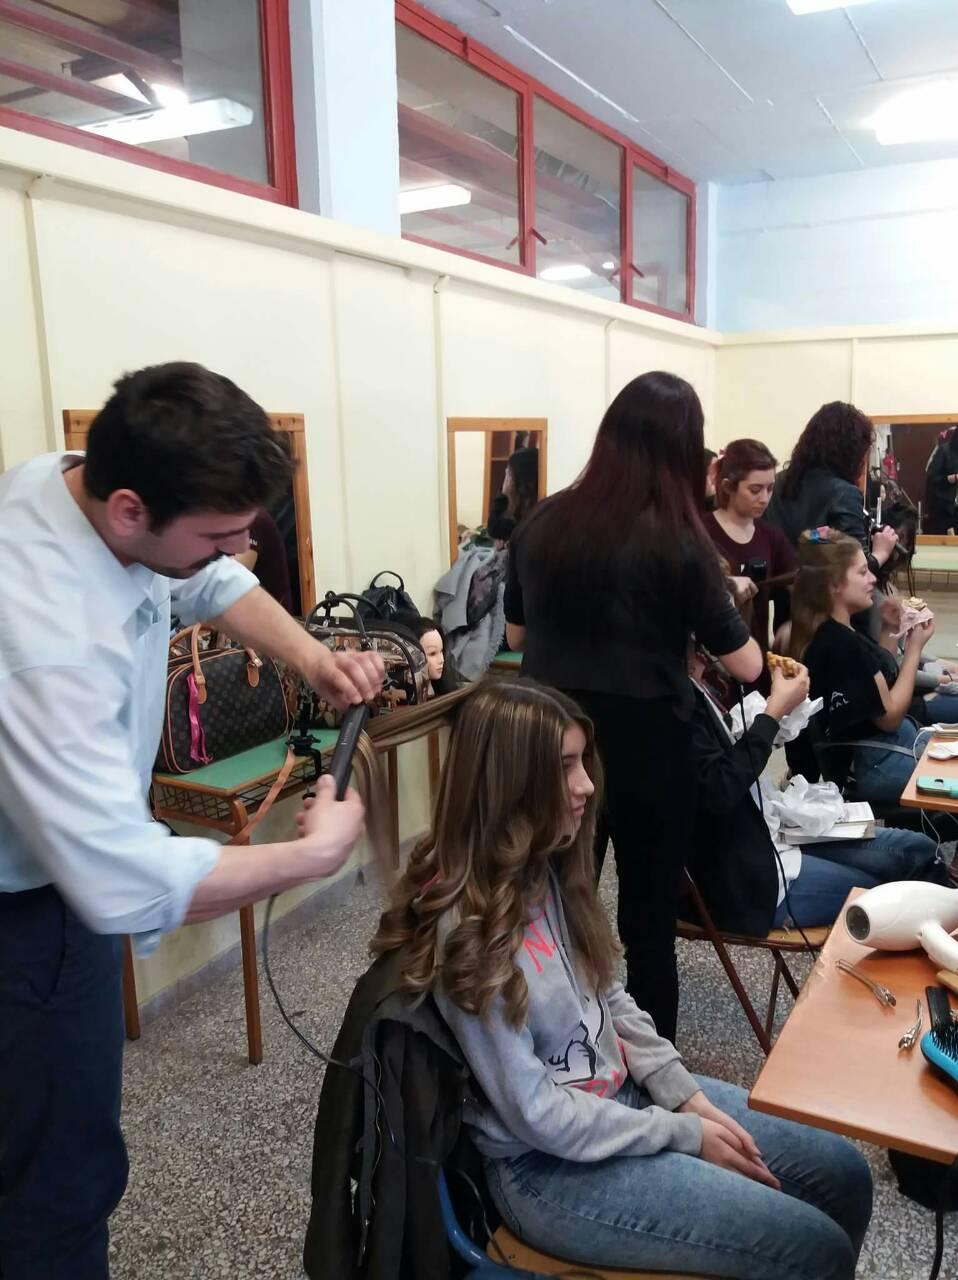 Εορτασμός της Παγκόσμιας Ημέρας της Γυναίκας στο Δ. ΙΕΚ Μυτιλήνης